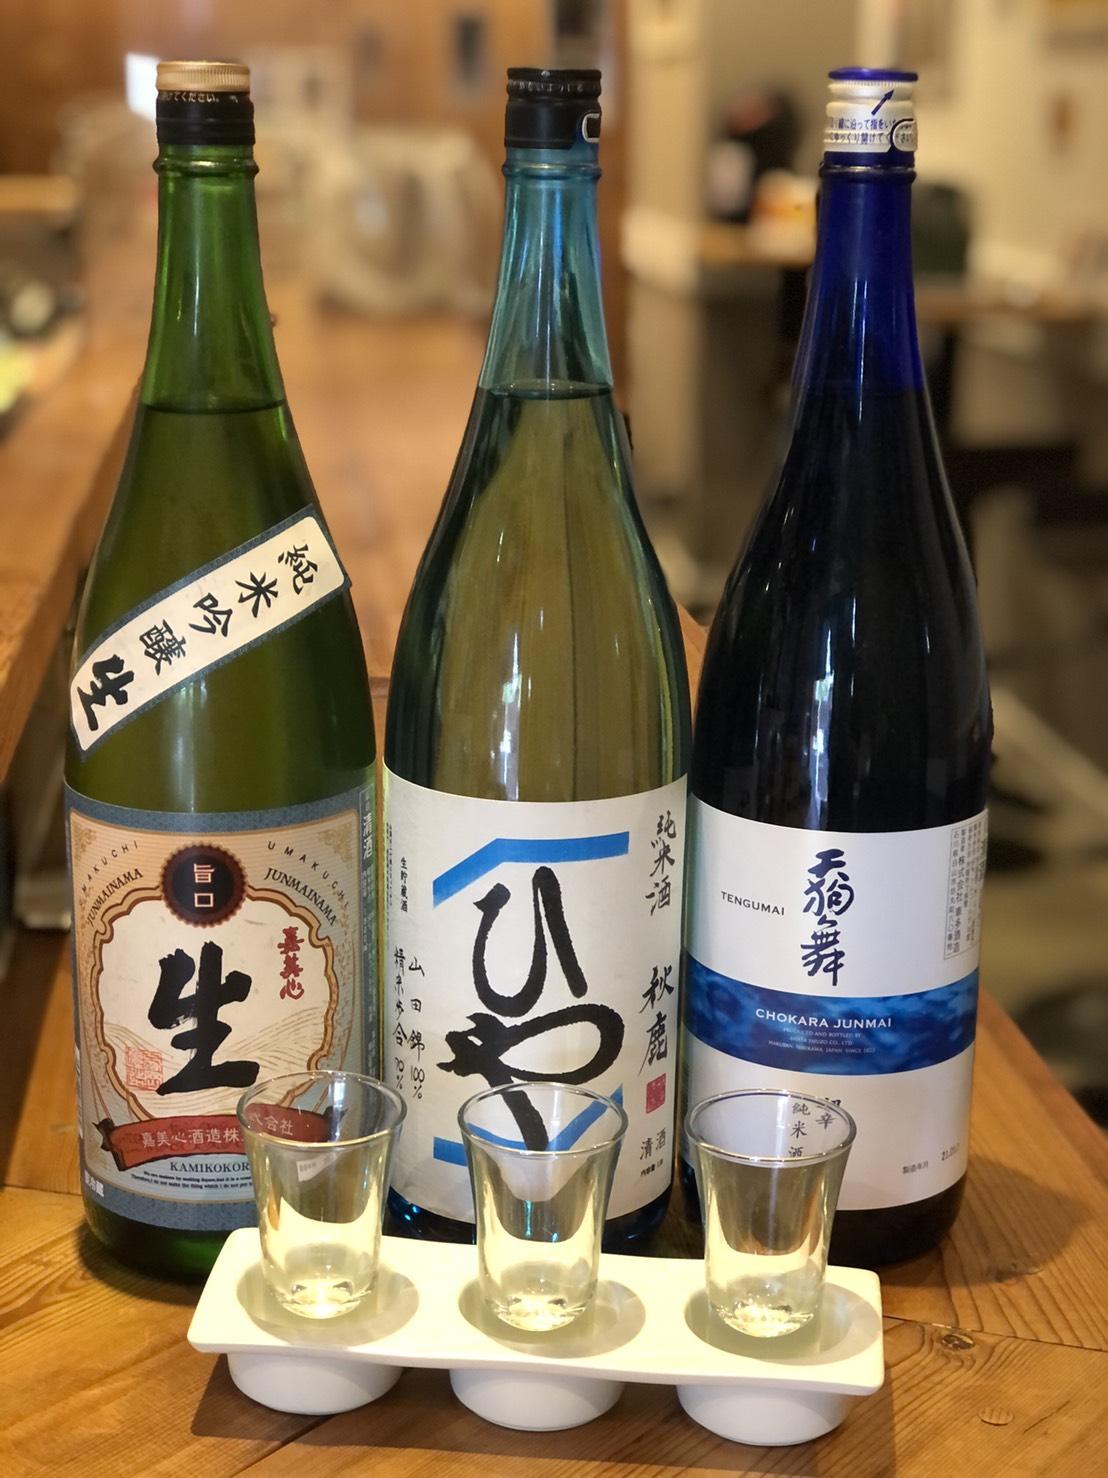 おすすめの日本酒 呑みくらべセット 900円